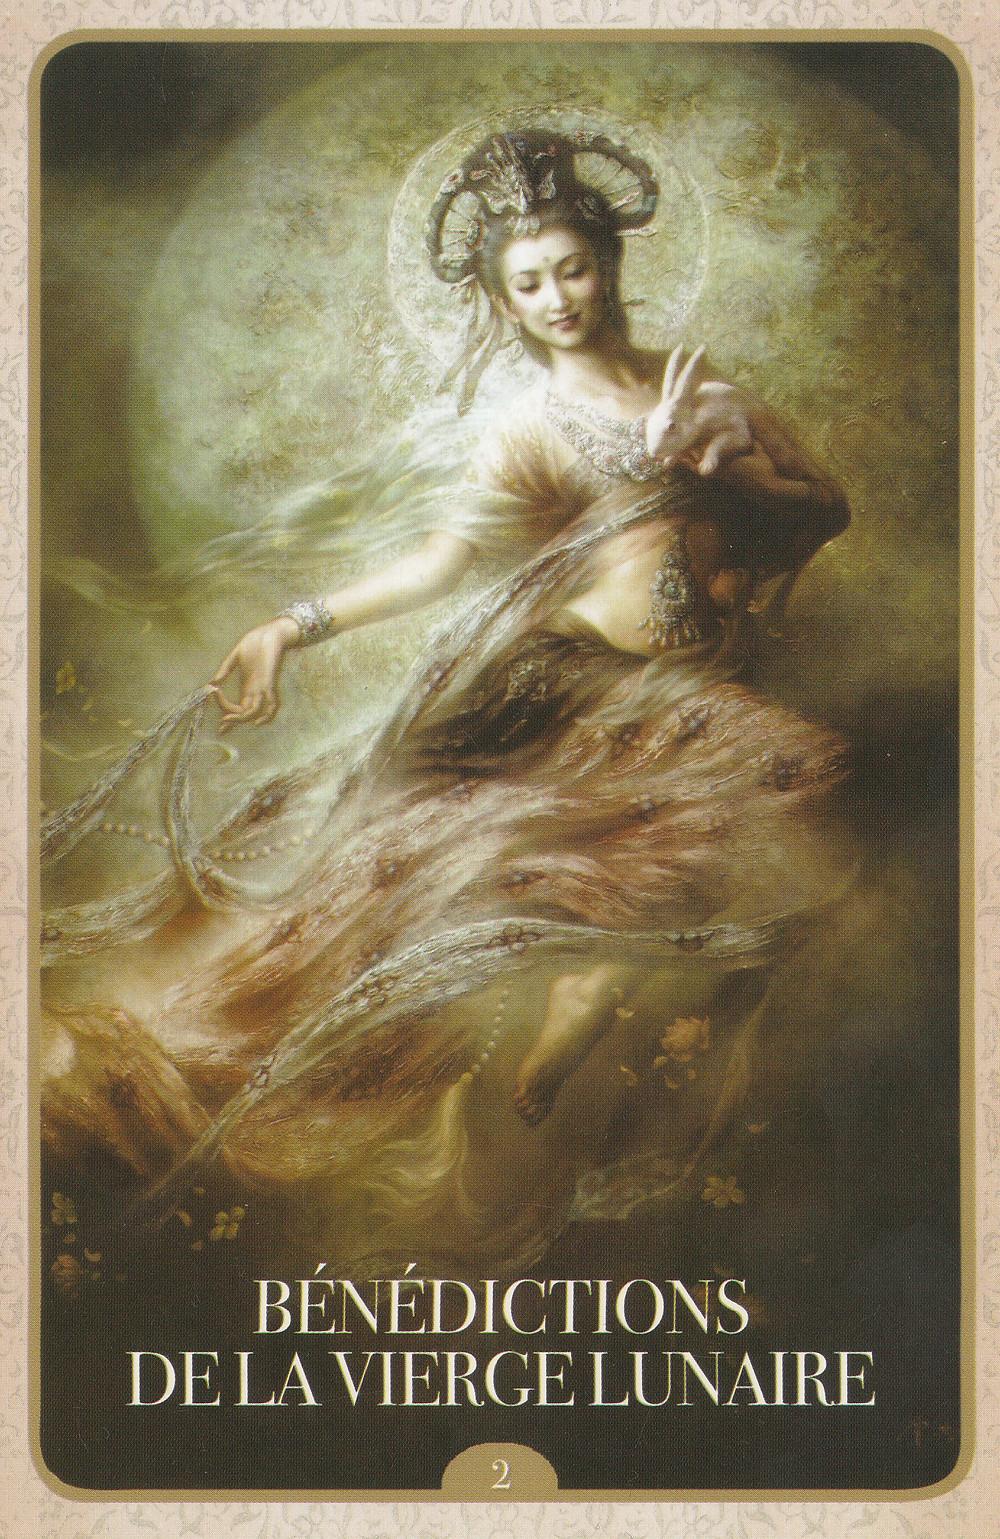 Carte de L'Oracle de Kuan Yin d'Alana Fairchild - Energies de Mai 2021 (Portail du 5-5) : Transformation et Accueil de nos Bénédictions !